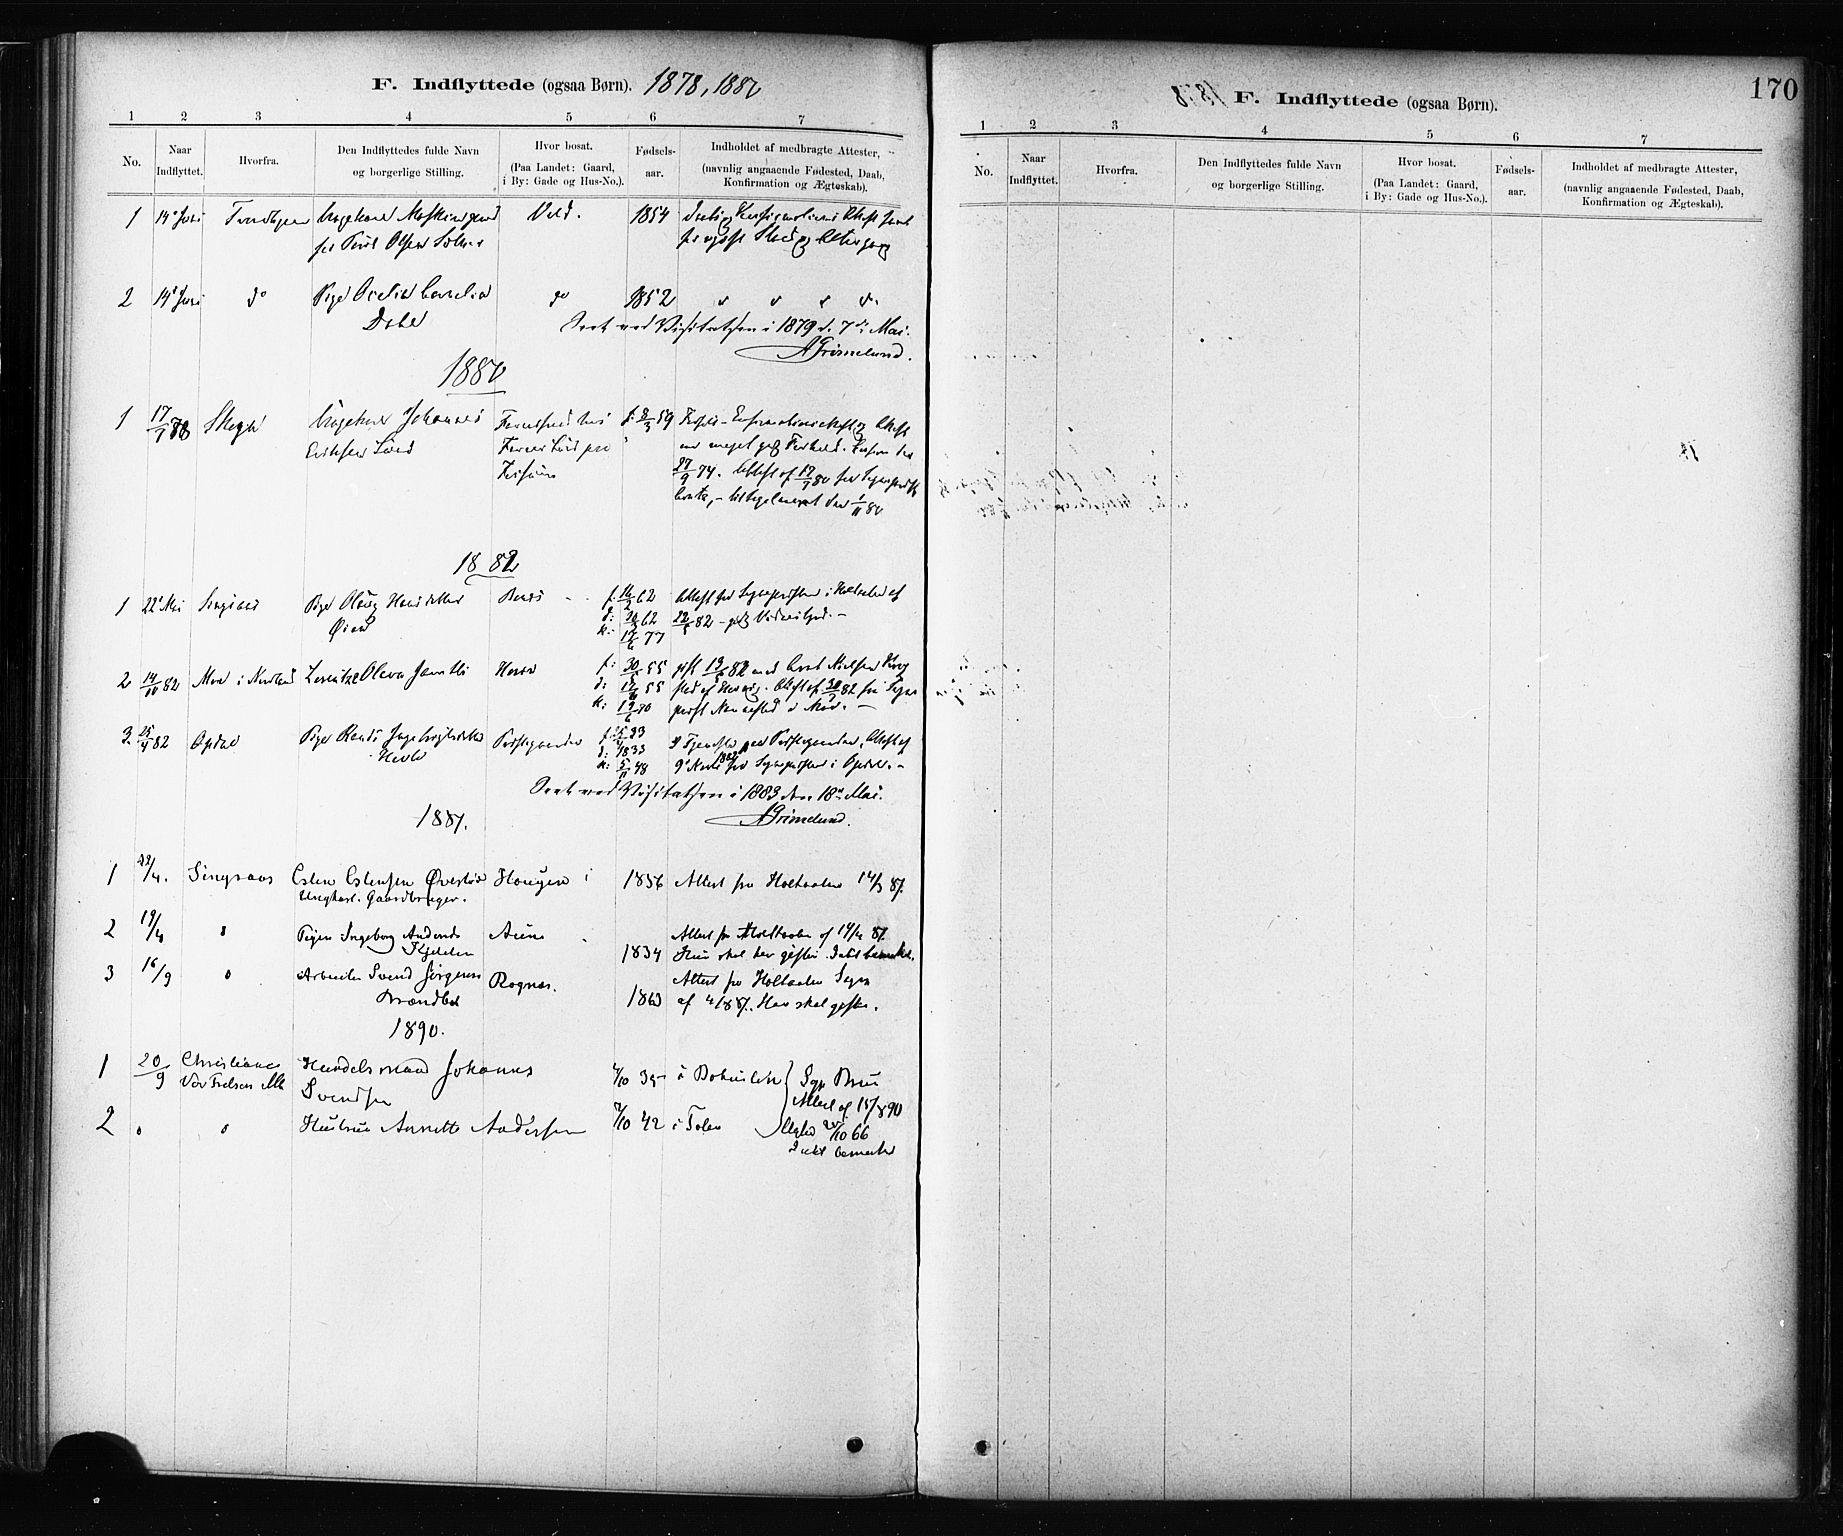 SAT, Ministerialprotokoller, klokkerbøker og fødselsregistre - Sør-Trøndelag, 687/L1002: Ministerialbok nr. 687A08, 1878-1890, s. 170